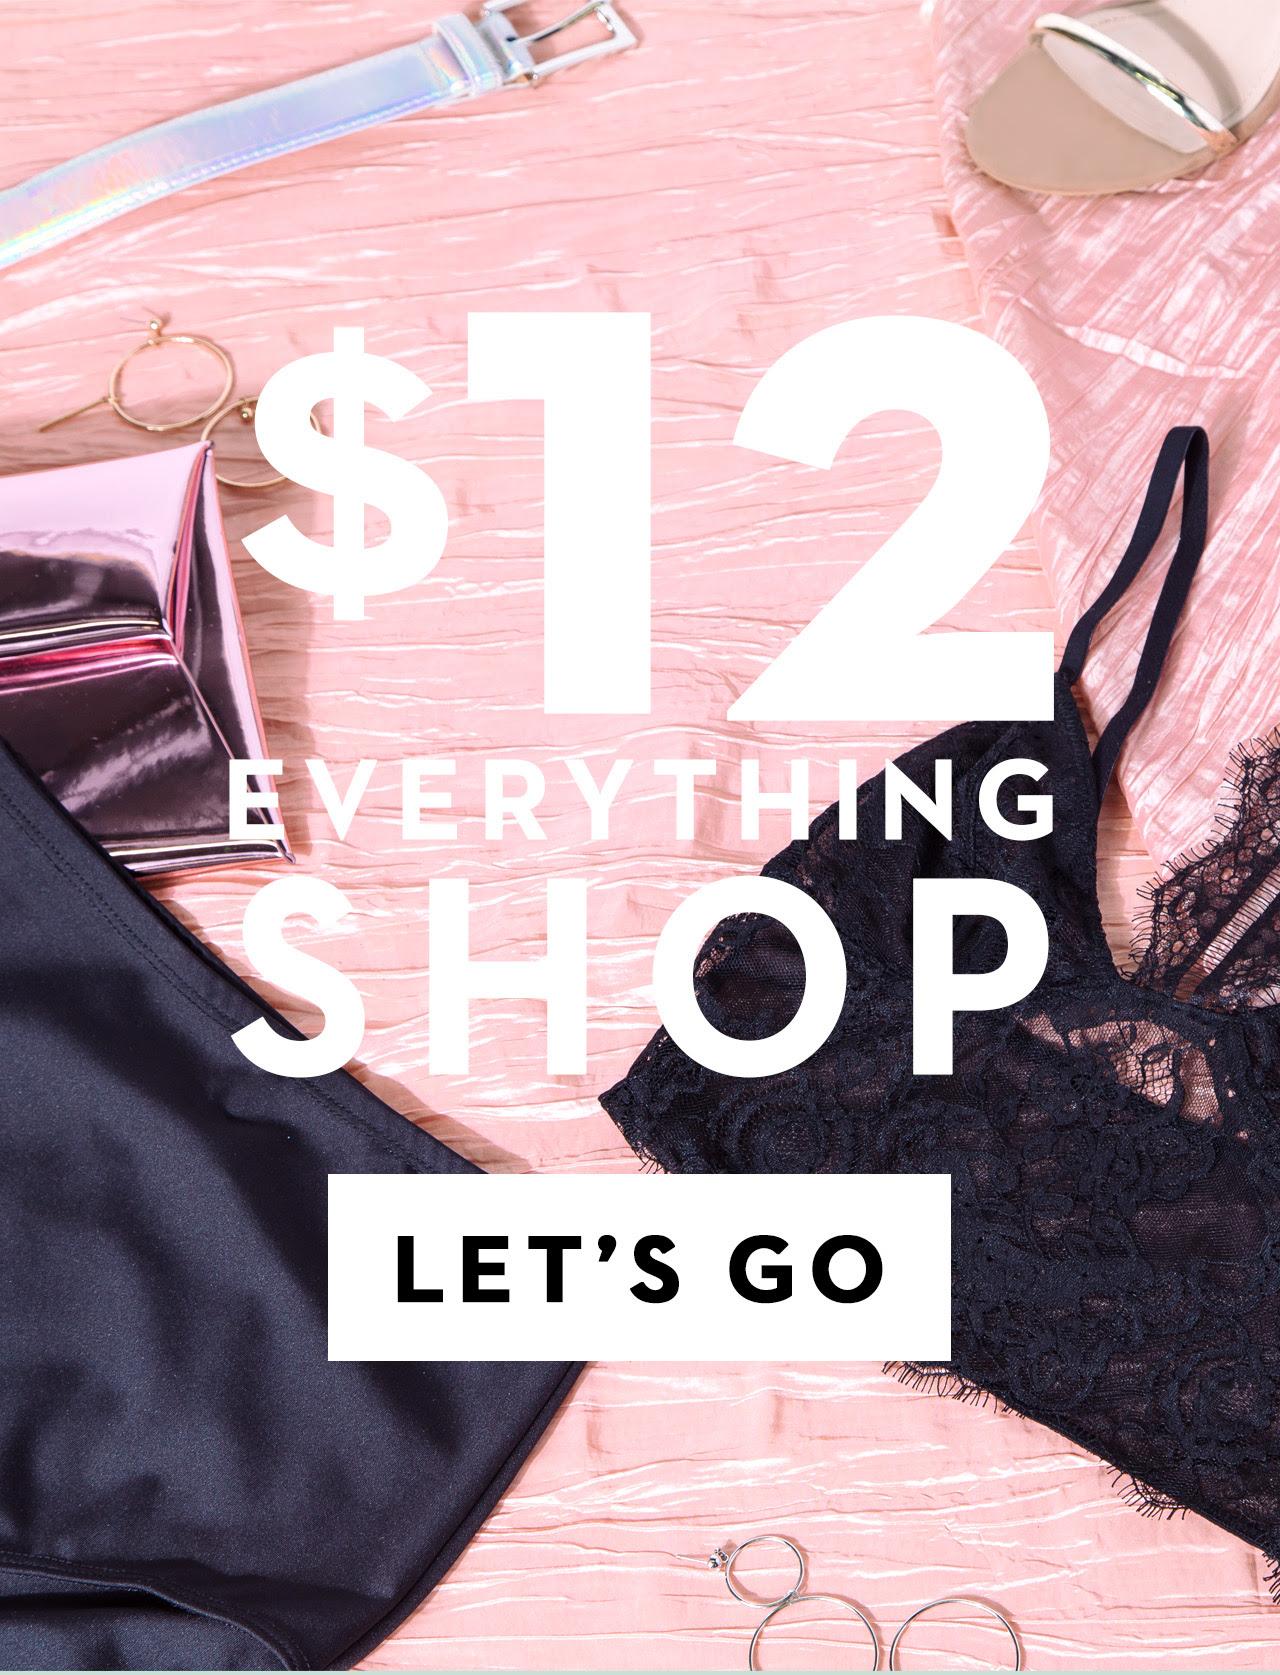 $12 EVERTHING ???? Let's GooOo...